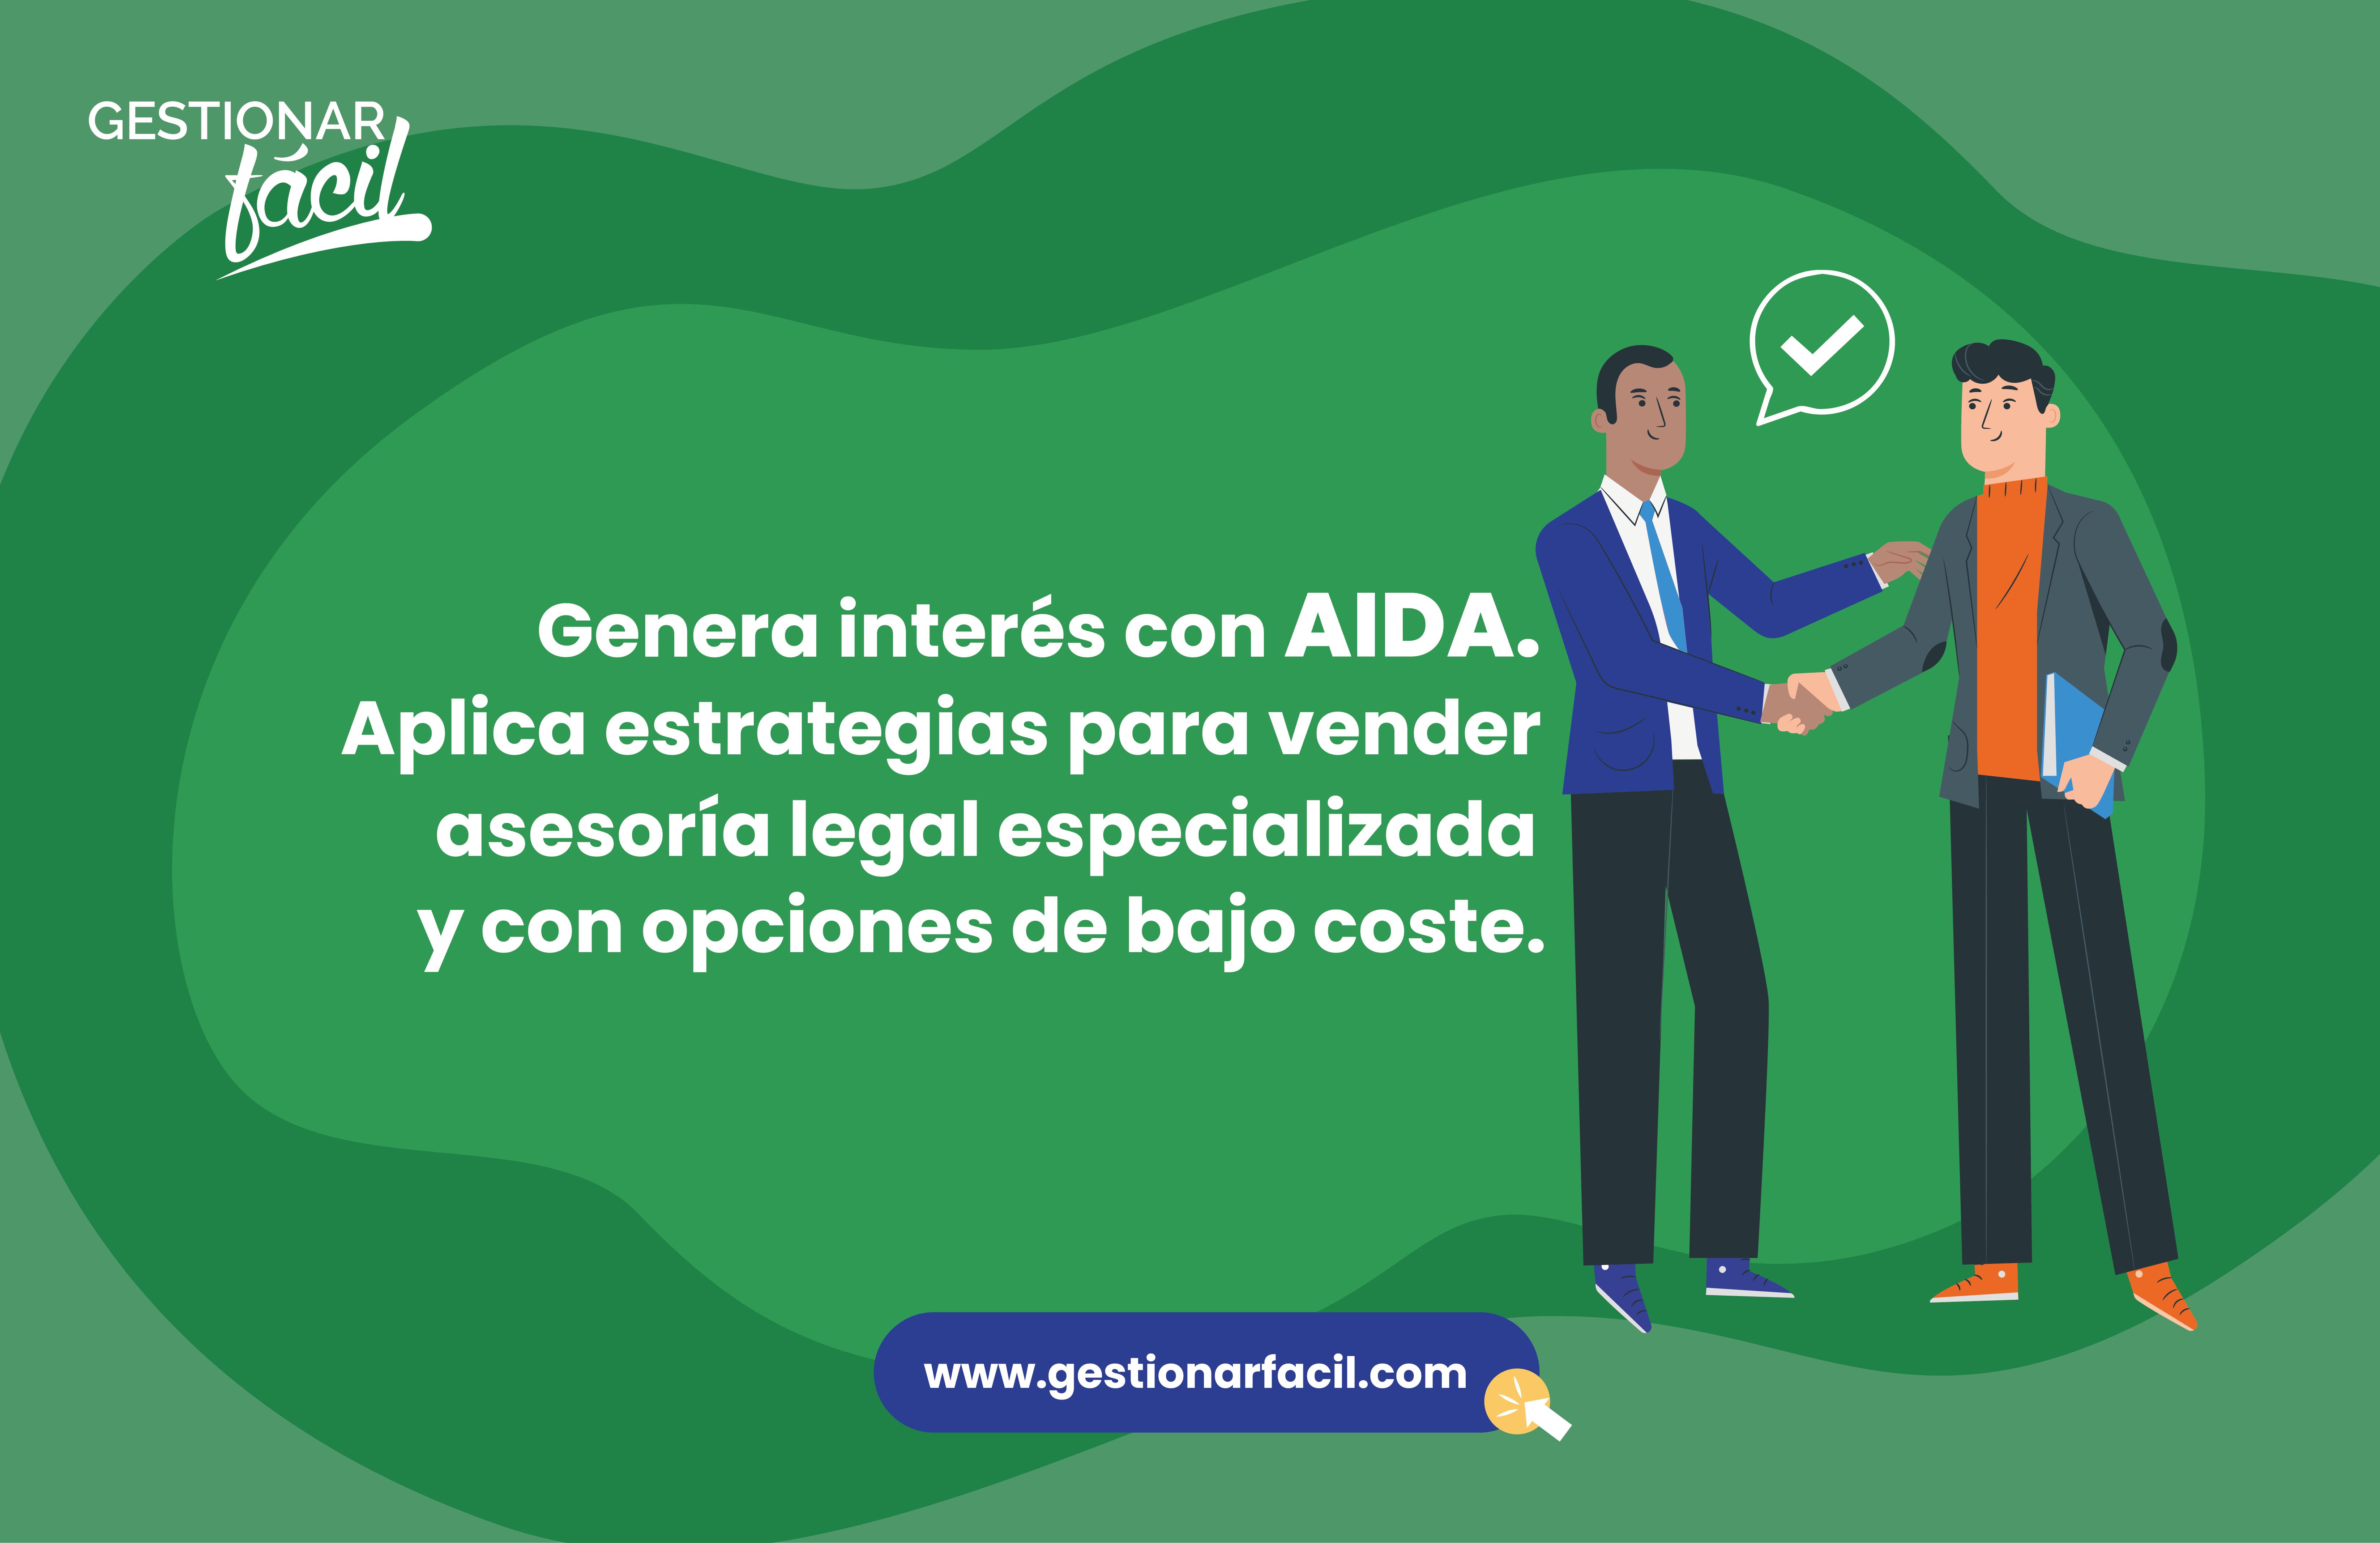 Genera interés con AIDA. Aplica estrategias para vender asesoría legal especializada y con opciones de bajo coste.